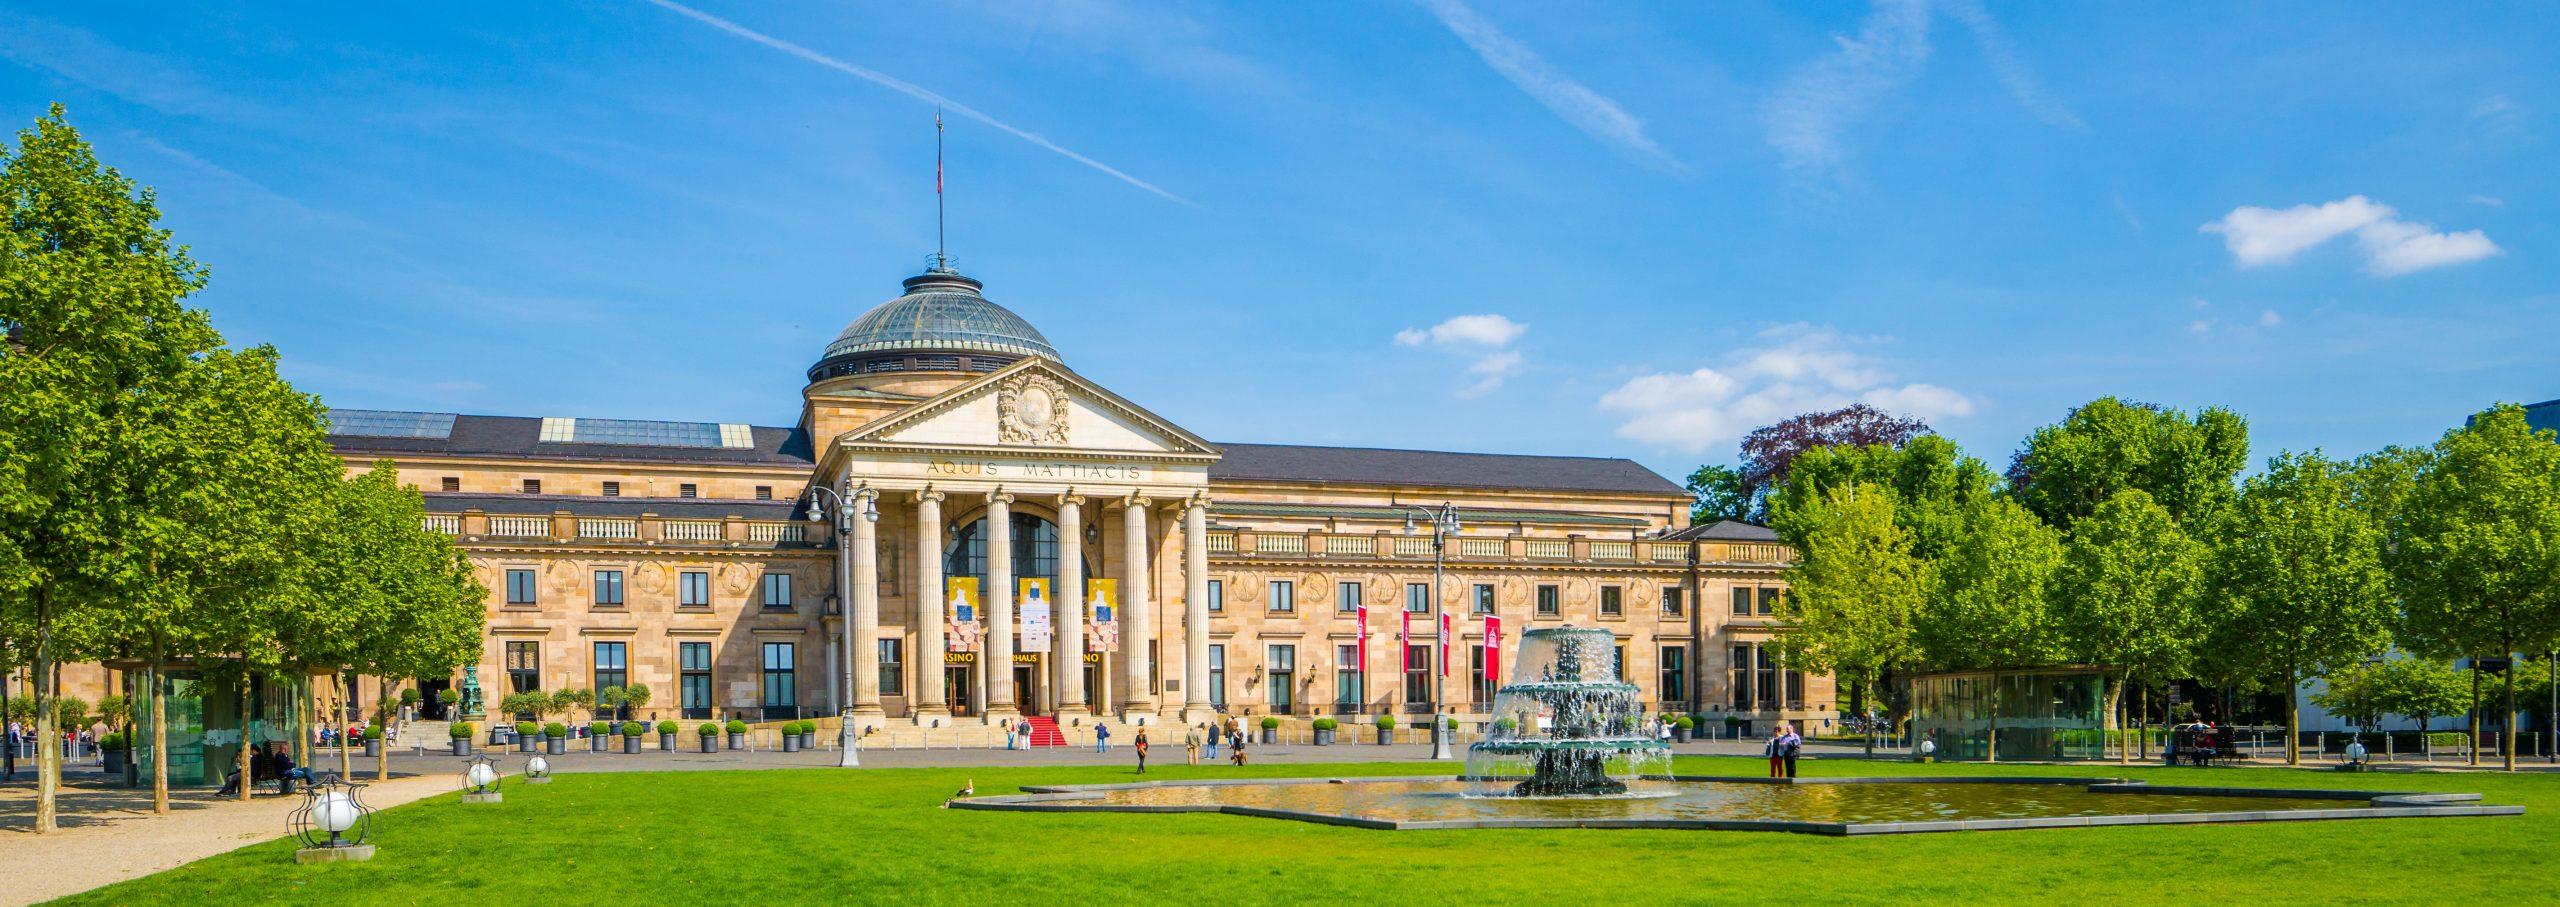 Ihr Ansprechpartner für Baufinanzierung in Wiesbaden